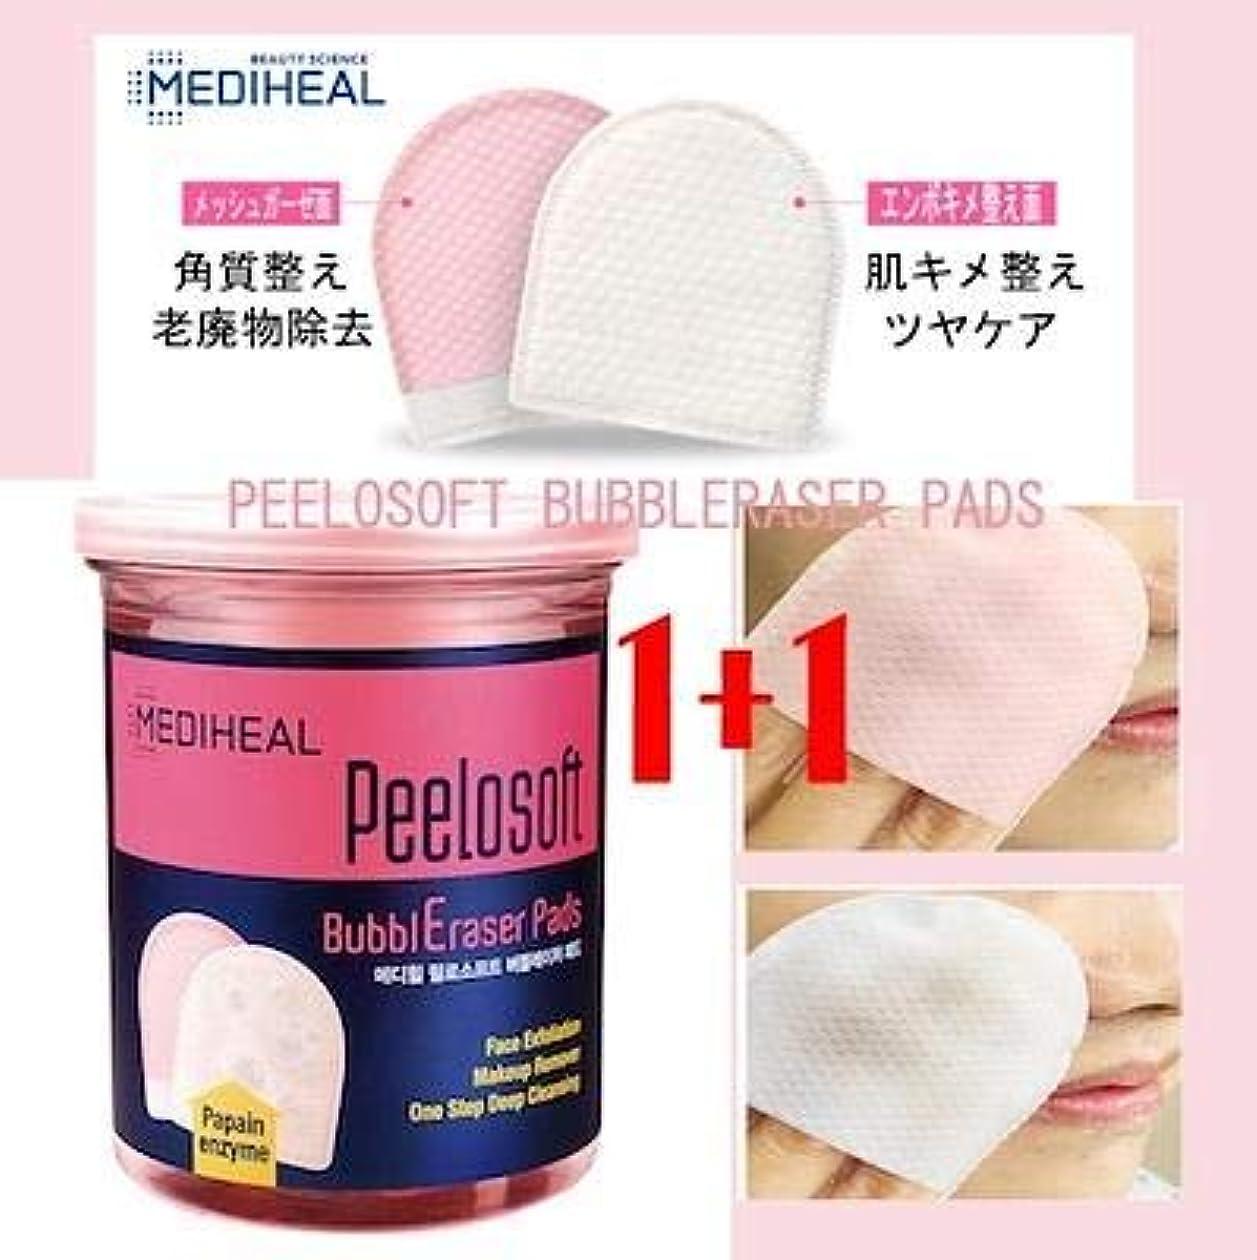 腐敗したリゾート自体[MEDIHEAL] 1+1 メディヒール Peelosoft BubblEraser Pads ピローソフト バブルレーザー パッド [20枚+ 20枚]